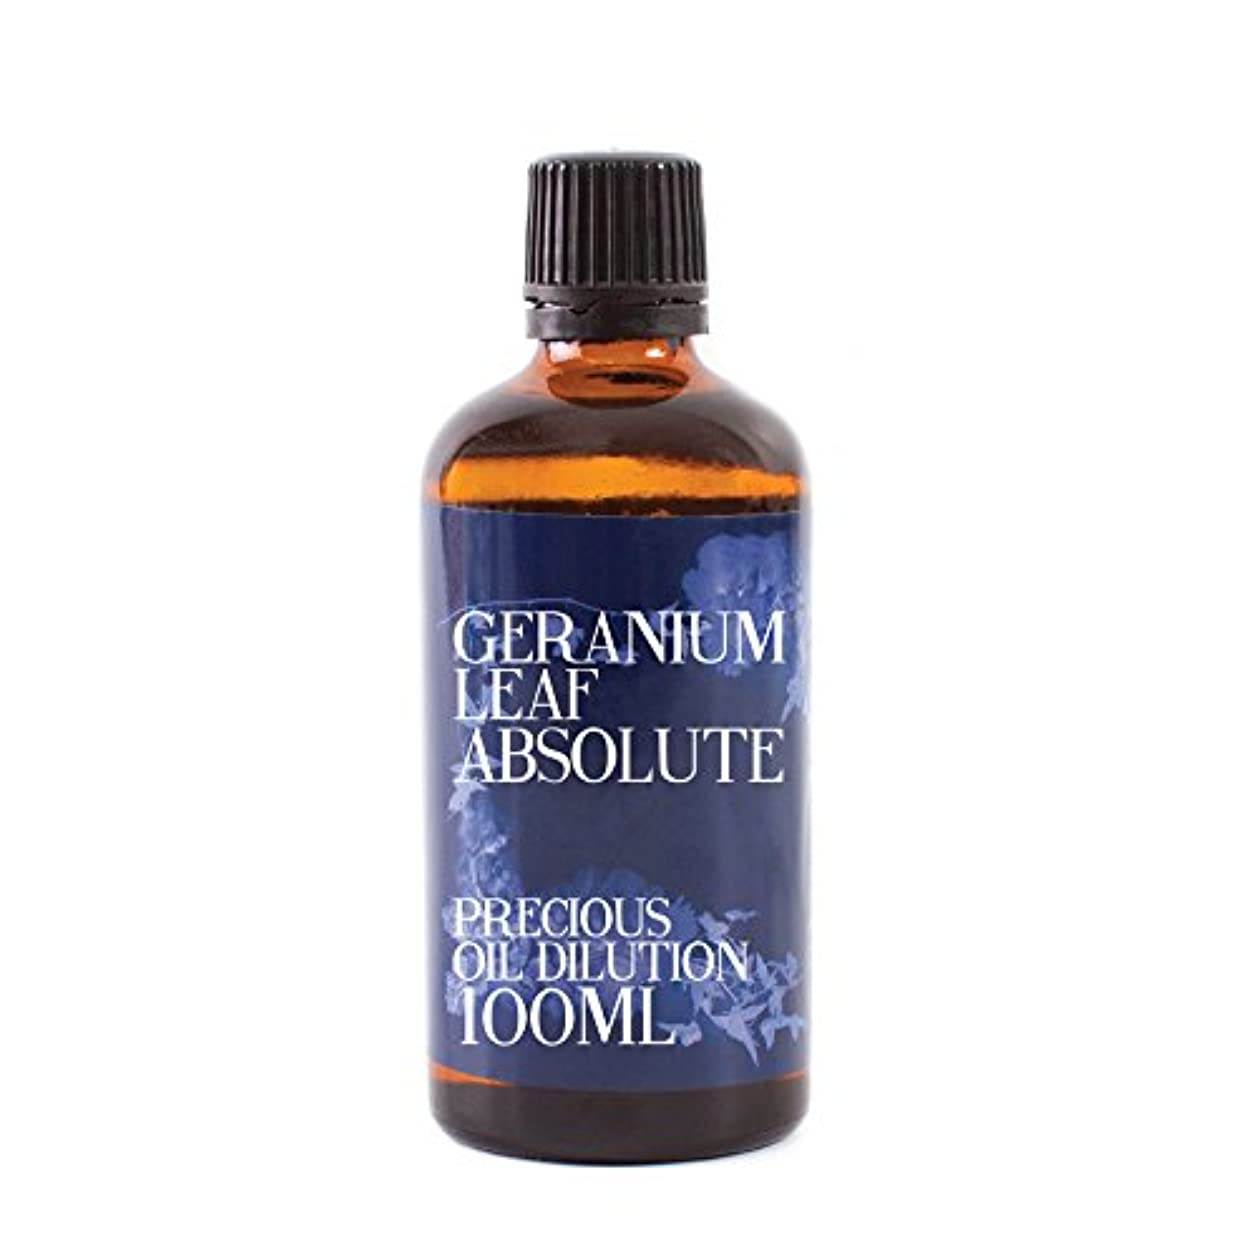 チーフ交じる学部長Geranium Leaf Absolute Oil Dilution - 100ml - 3% Jojoba Blend